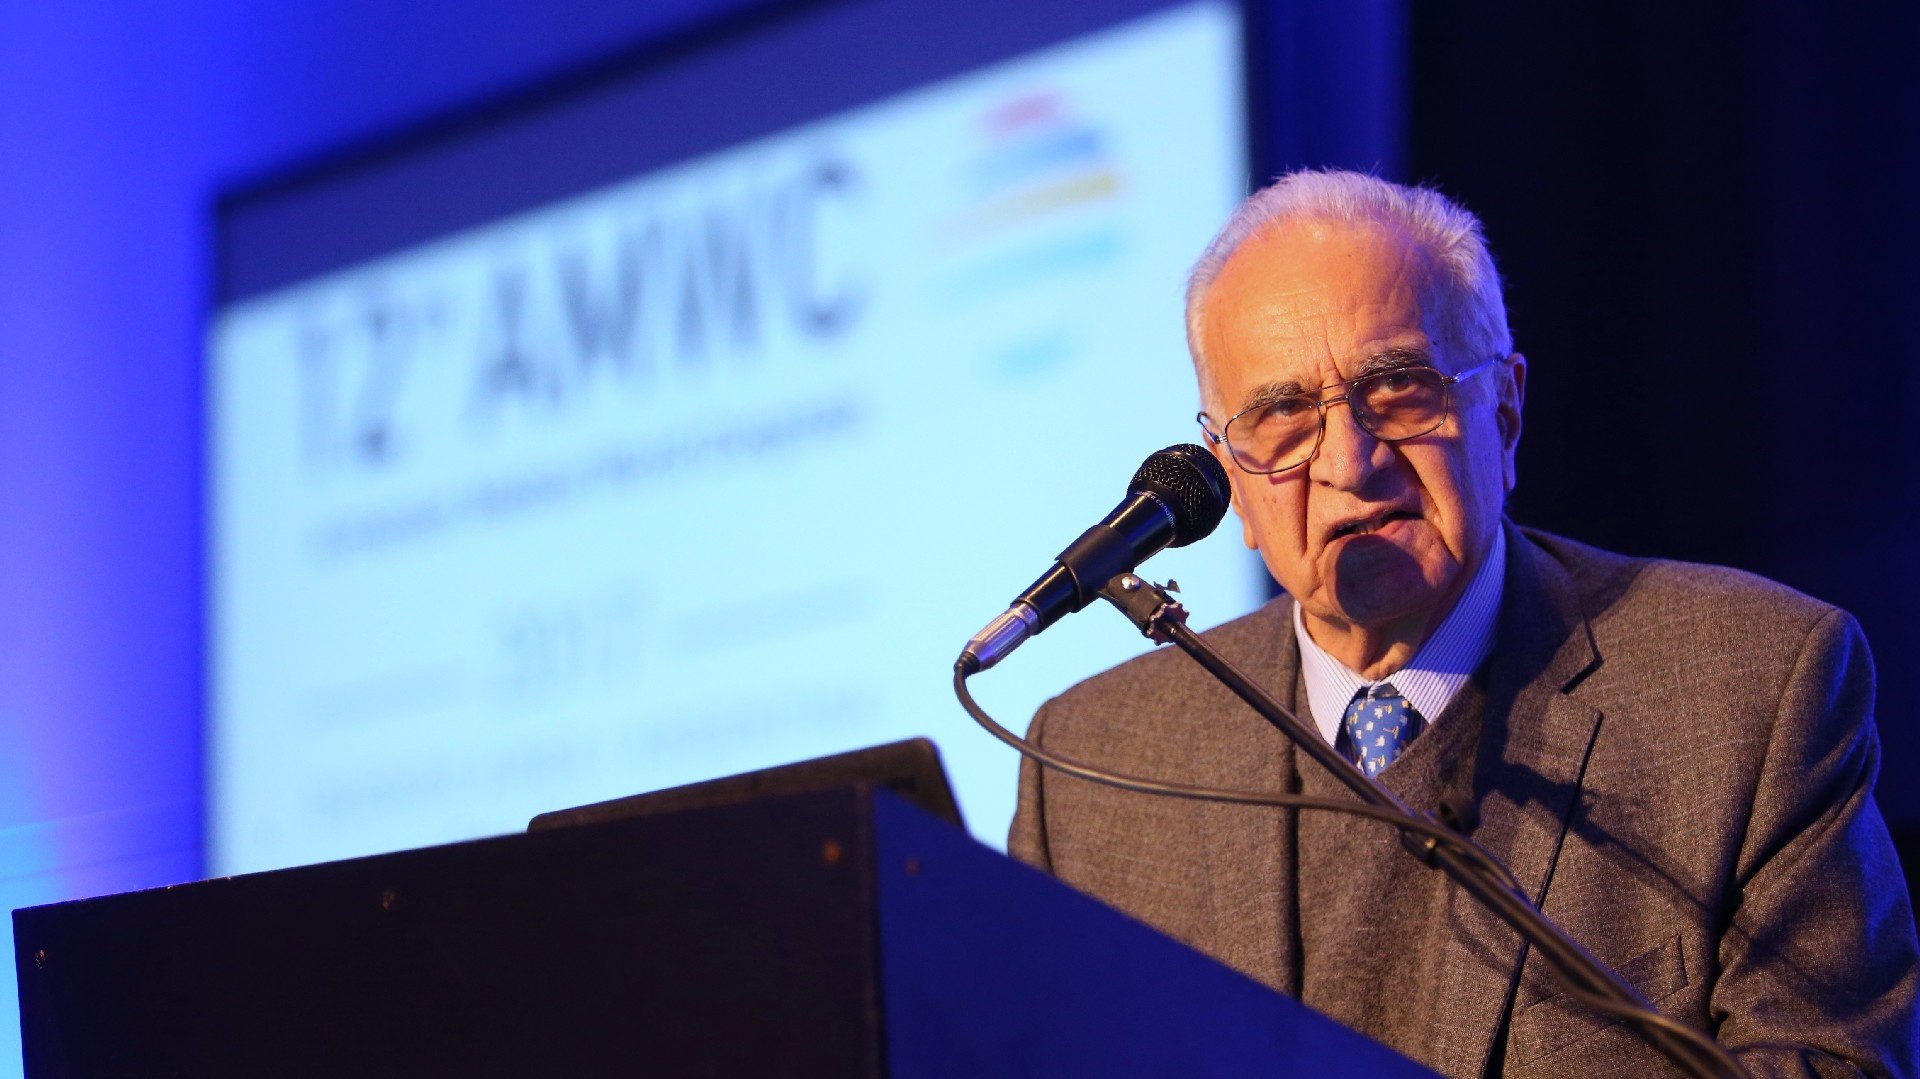 En la ceremonia de apertura, habló el dr. Daniel Stamboulian, el presidente del comité organizador de la conferencia y uno de los profesionales médicos más reconocidos del país